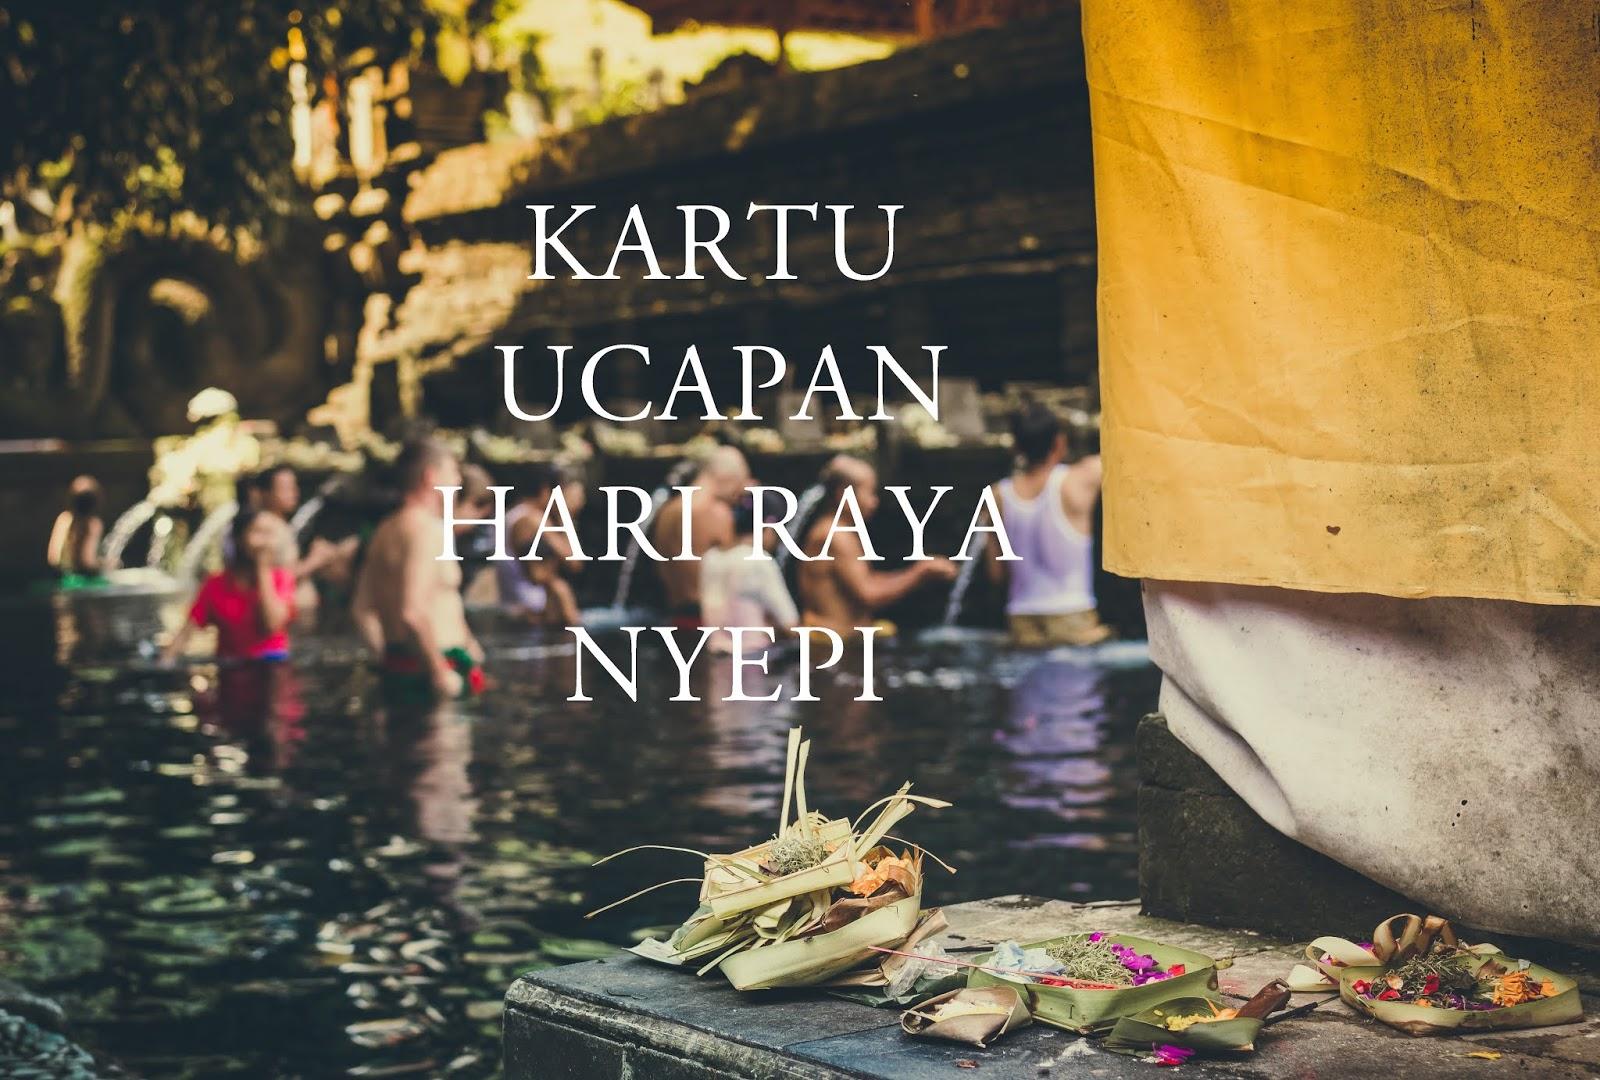 Kartu Kata-kata Selamat Hari Raya Nyepi Terbaru Tahun Ini